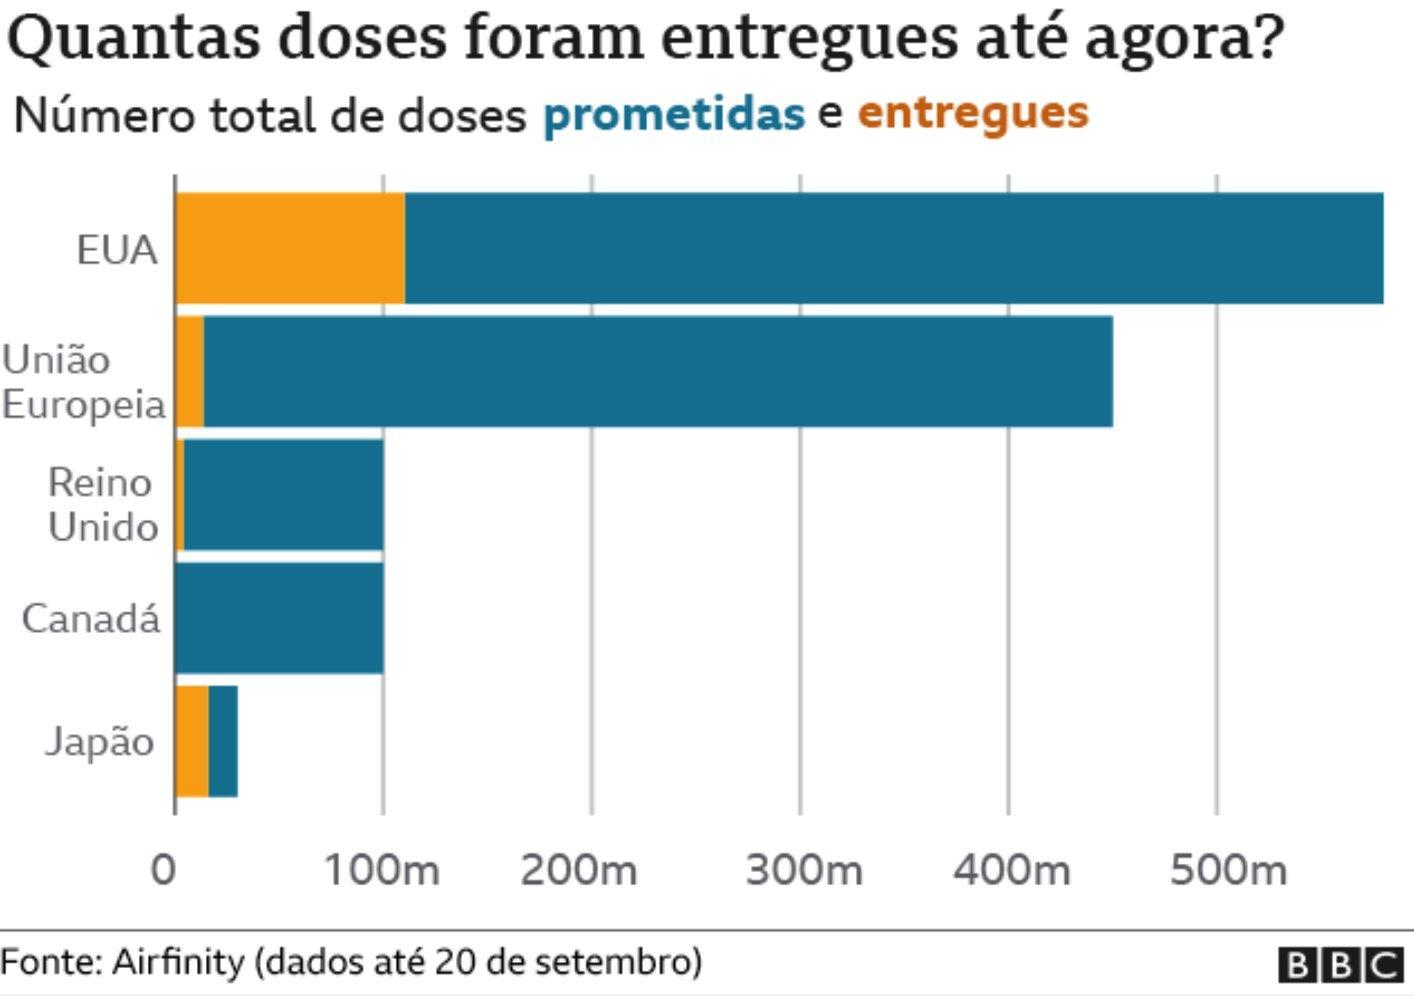 Grafico sobre doses entregues ate agora